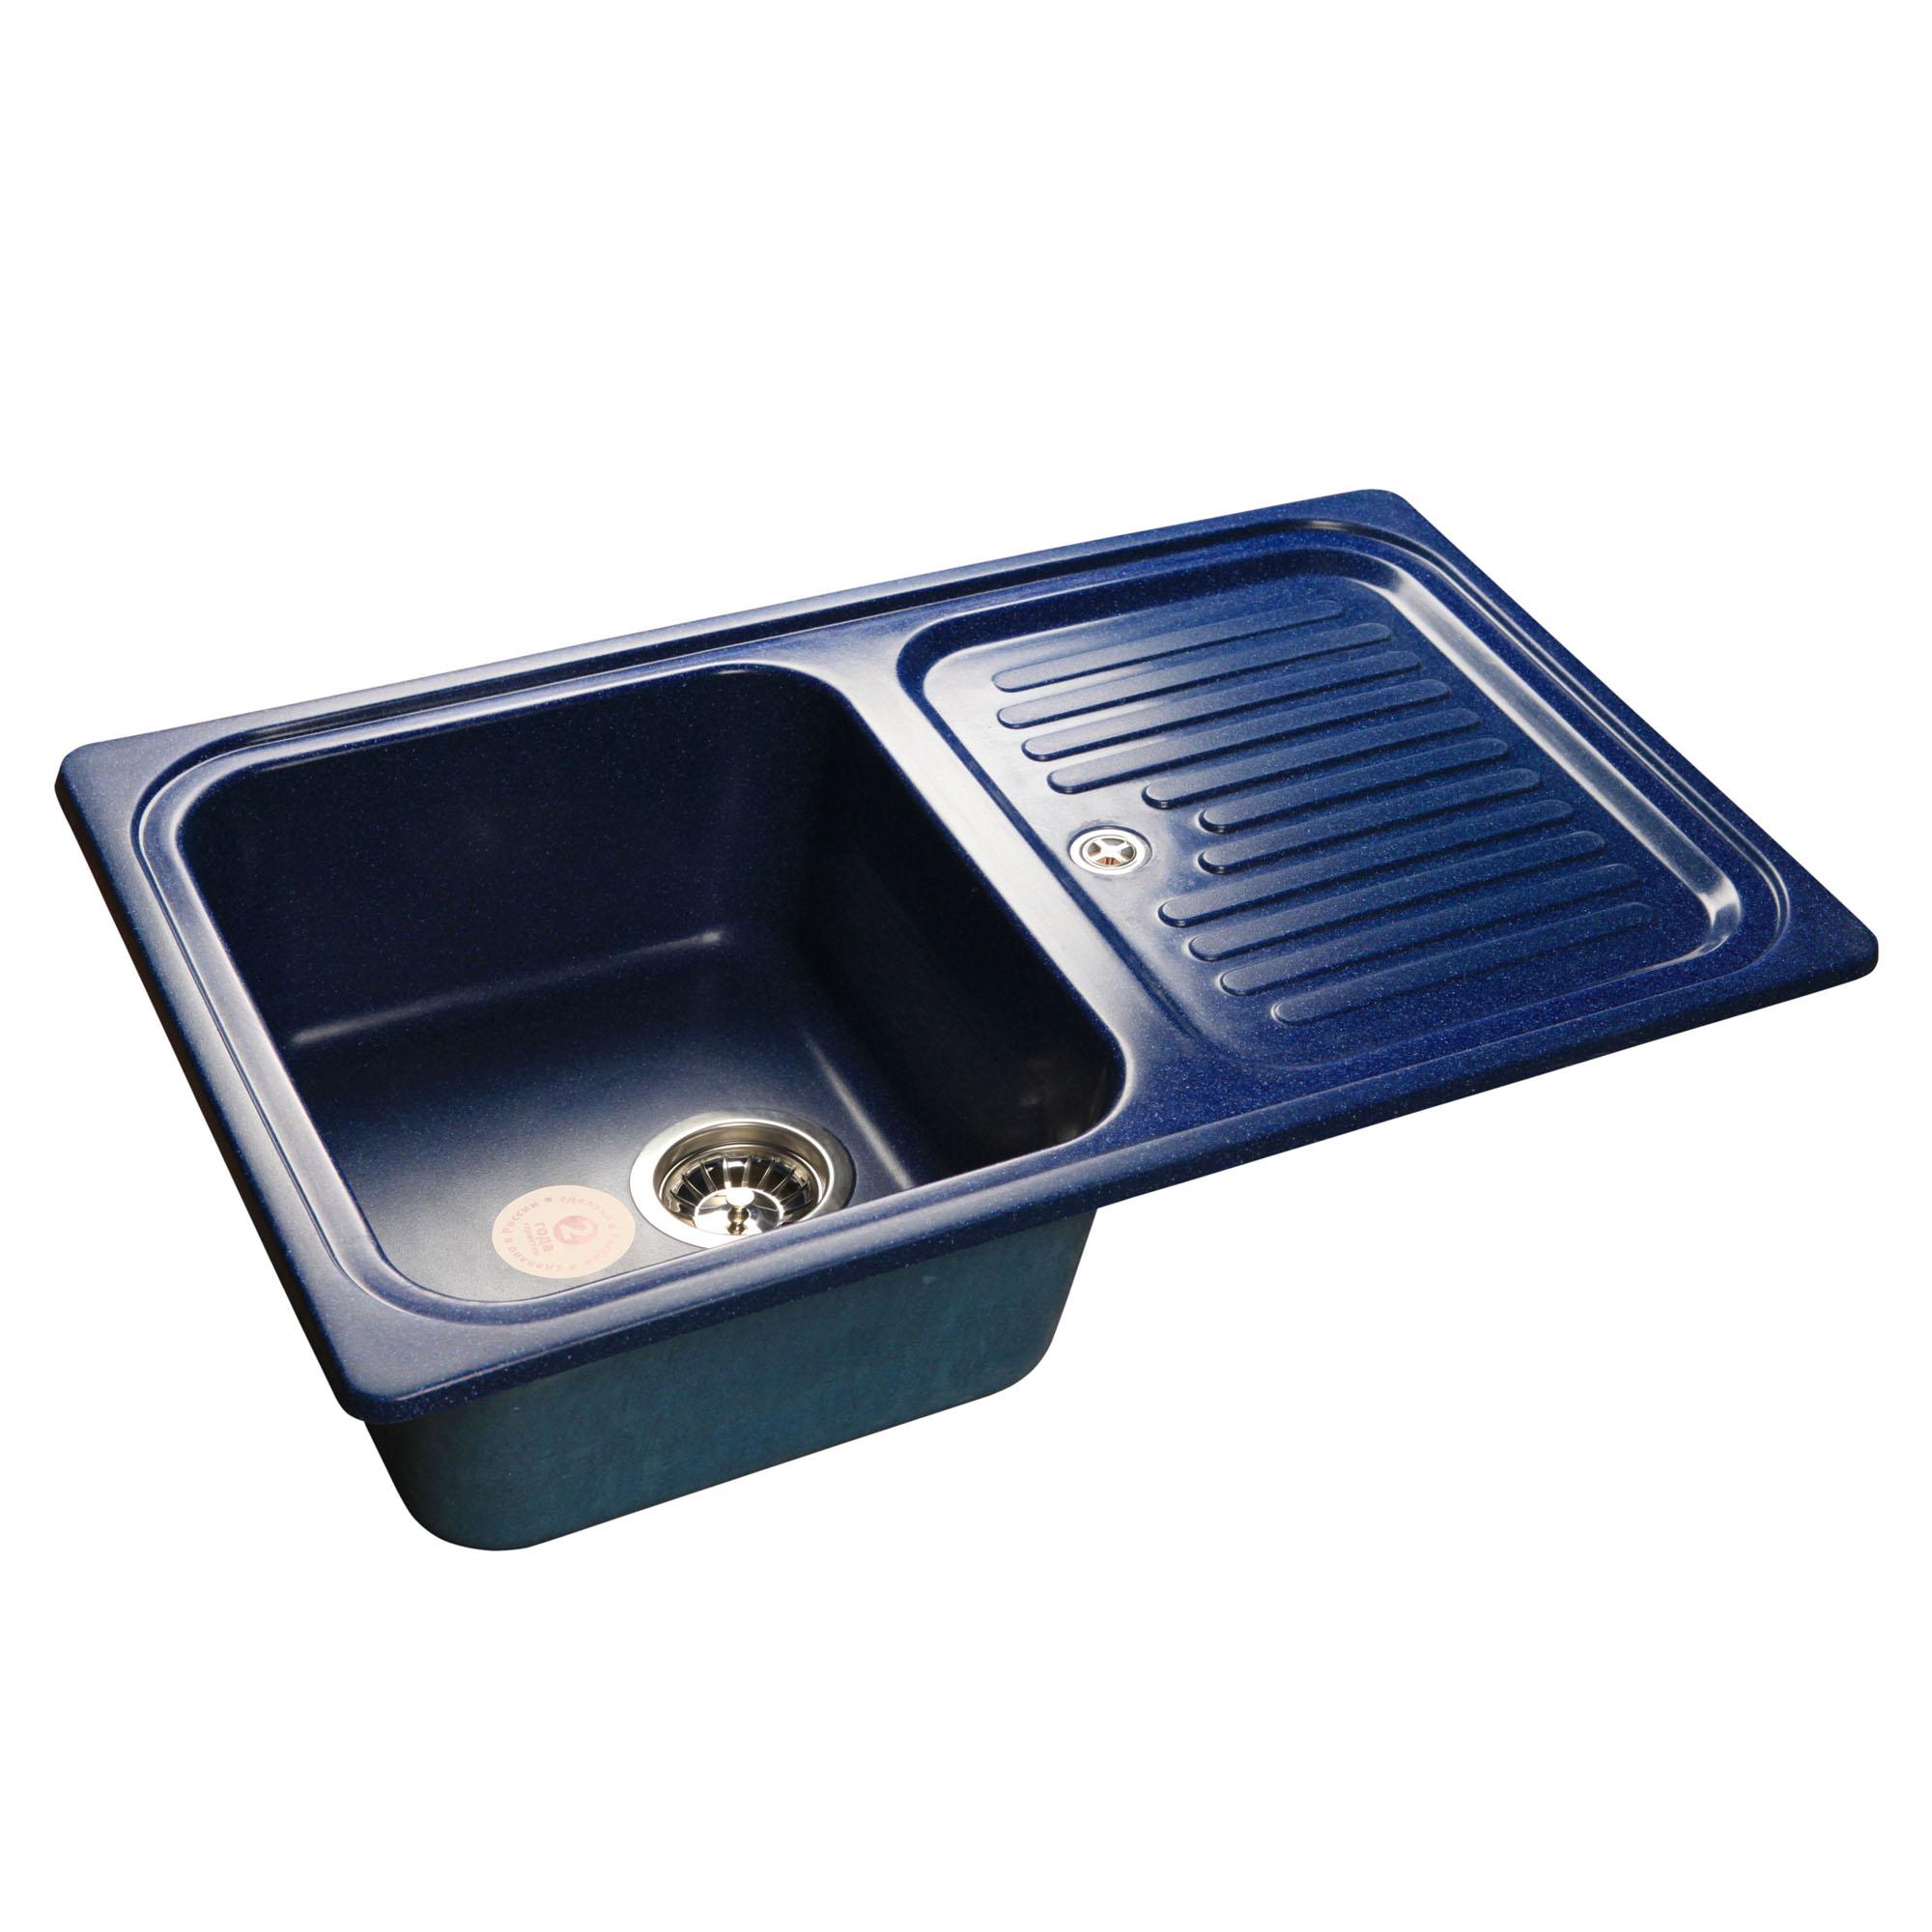 Кухонная мойка GranFest Standart GF-S780L синий мойка кухонная granfest gf s780l песок чаша крыло